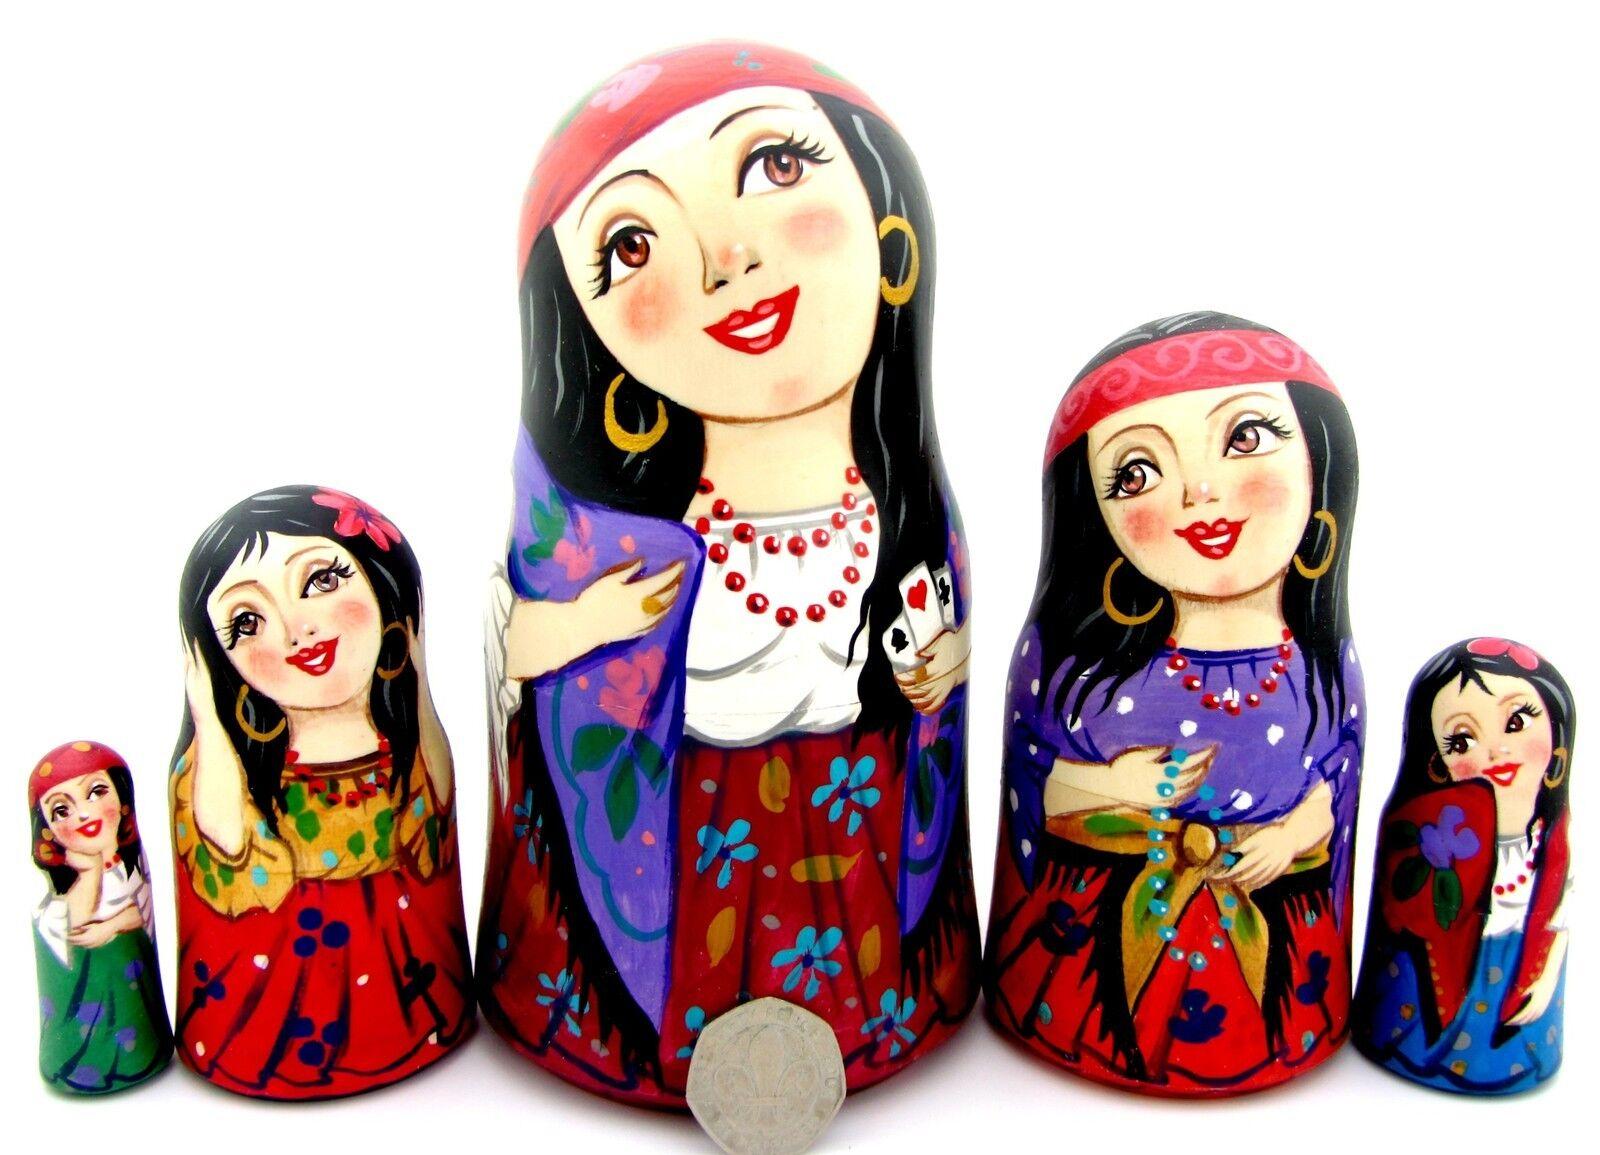 Gipsy Ragazze matriosca russo babushka nidificazione bambole Autentico Zenina Firmato Art